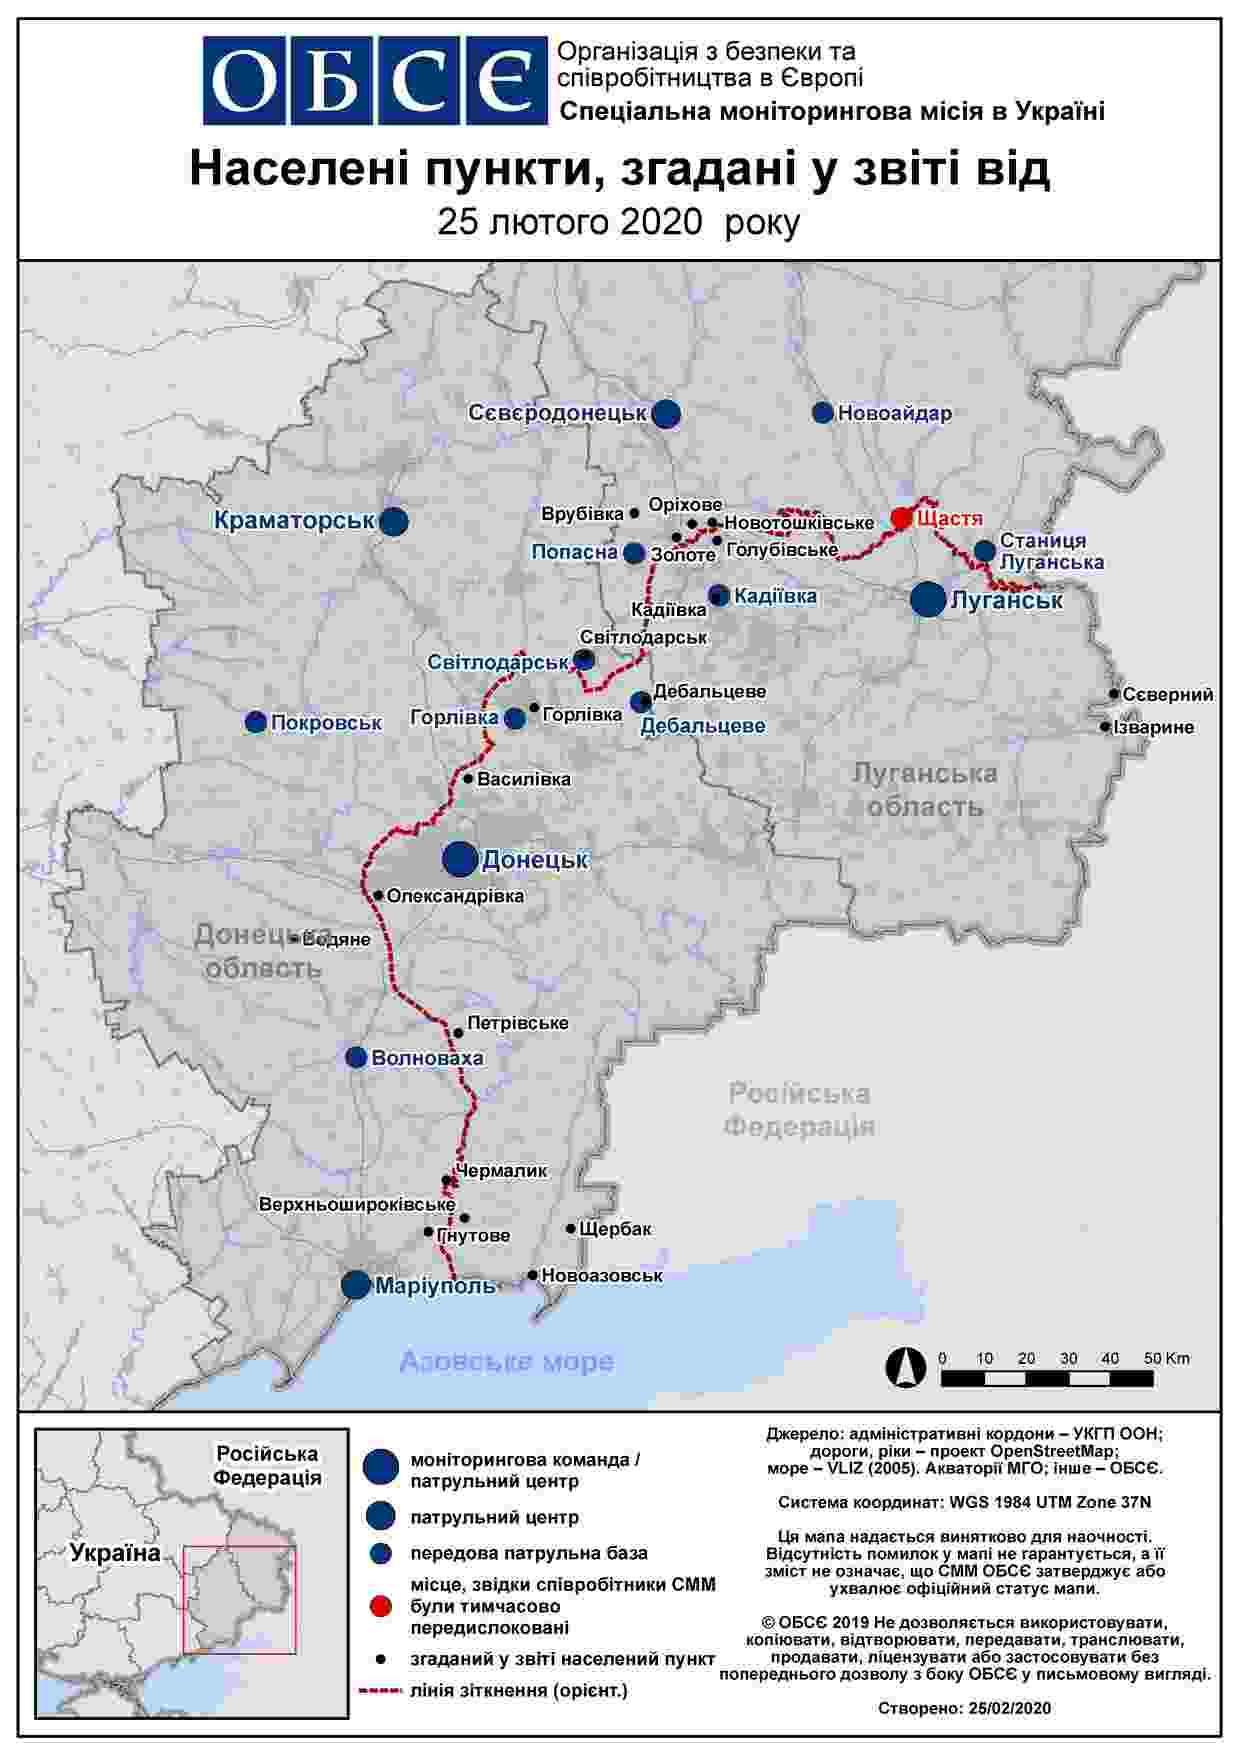 Вечірній брифінг пресцентру Об'єднаних сил 26.02.2020 (відео, звіт ОБСЄ, мапа)